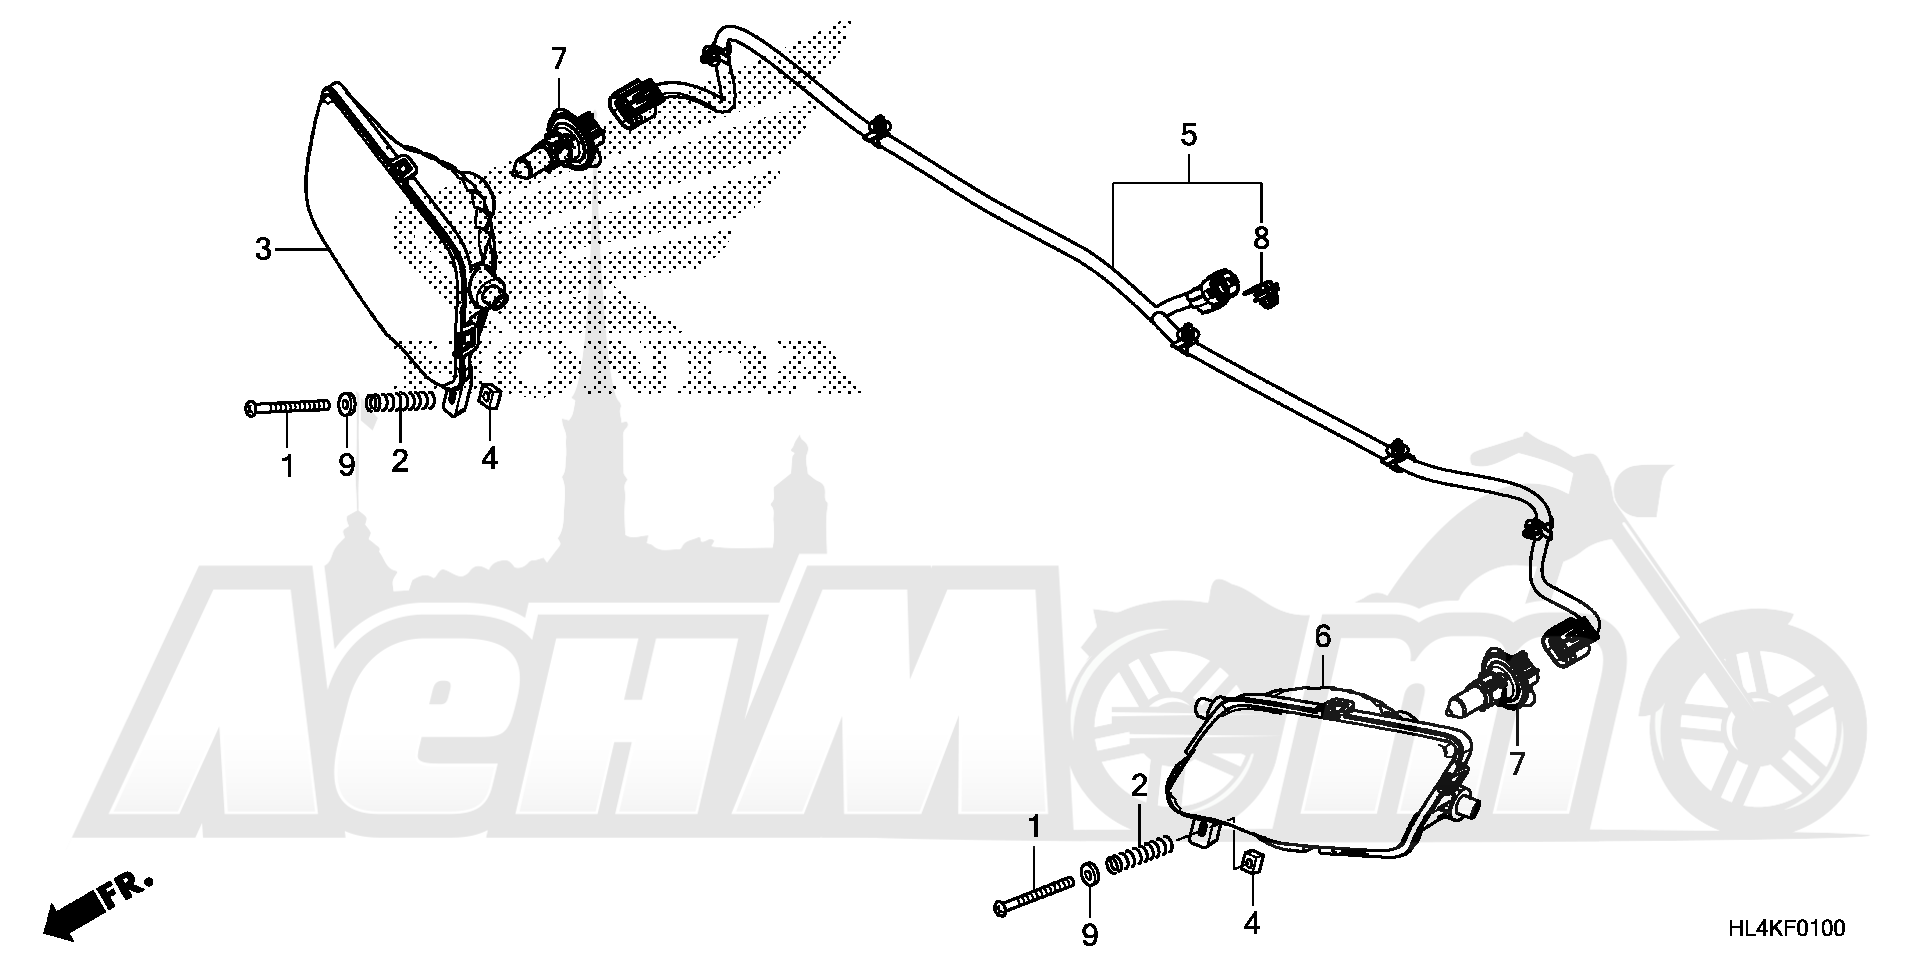 Запчасти для Квадроцикла Honda 2019 SXS1000M5L Раздел: HEADLIGHT (1) | передняя фара (1)